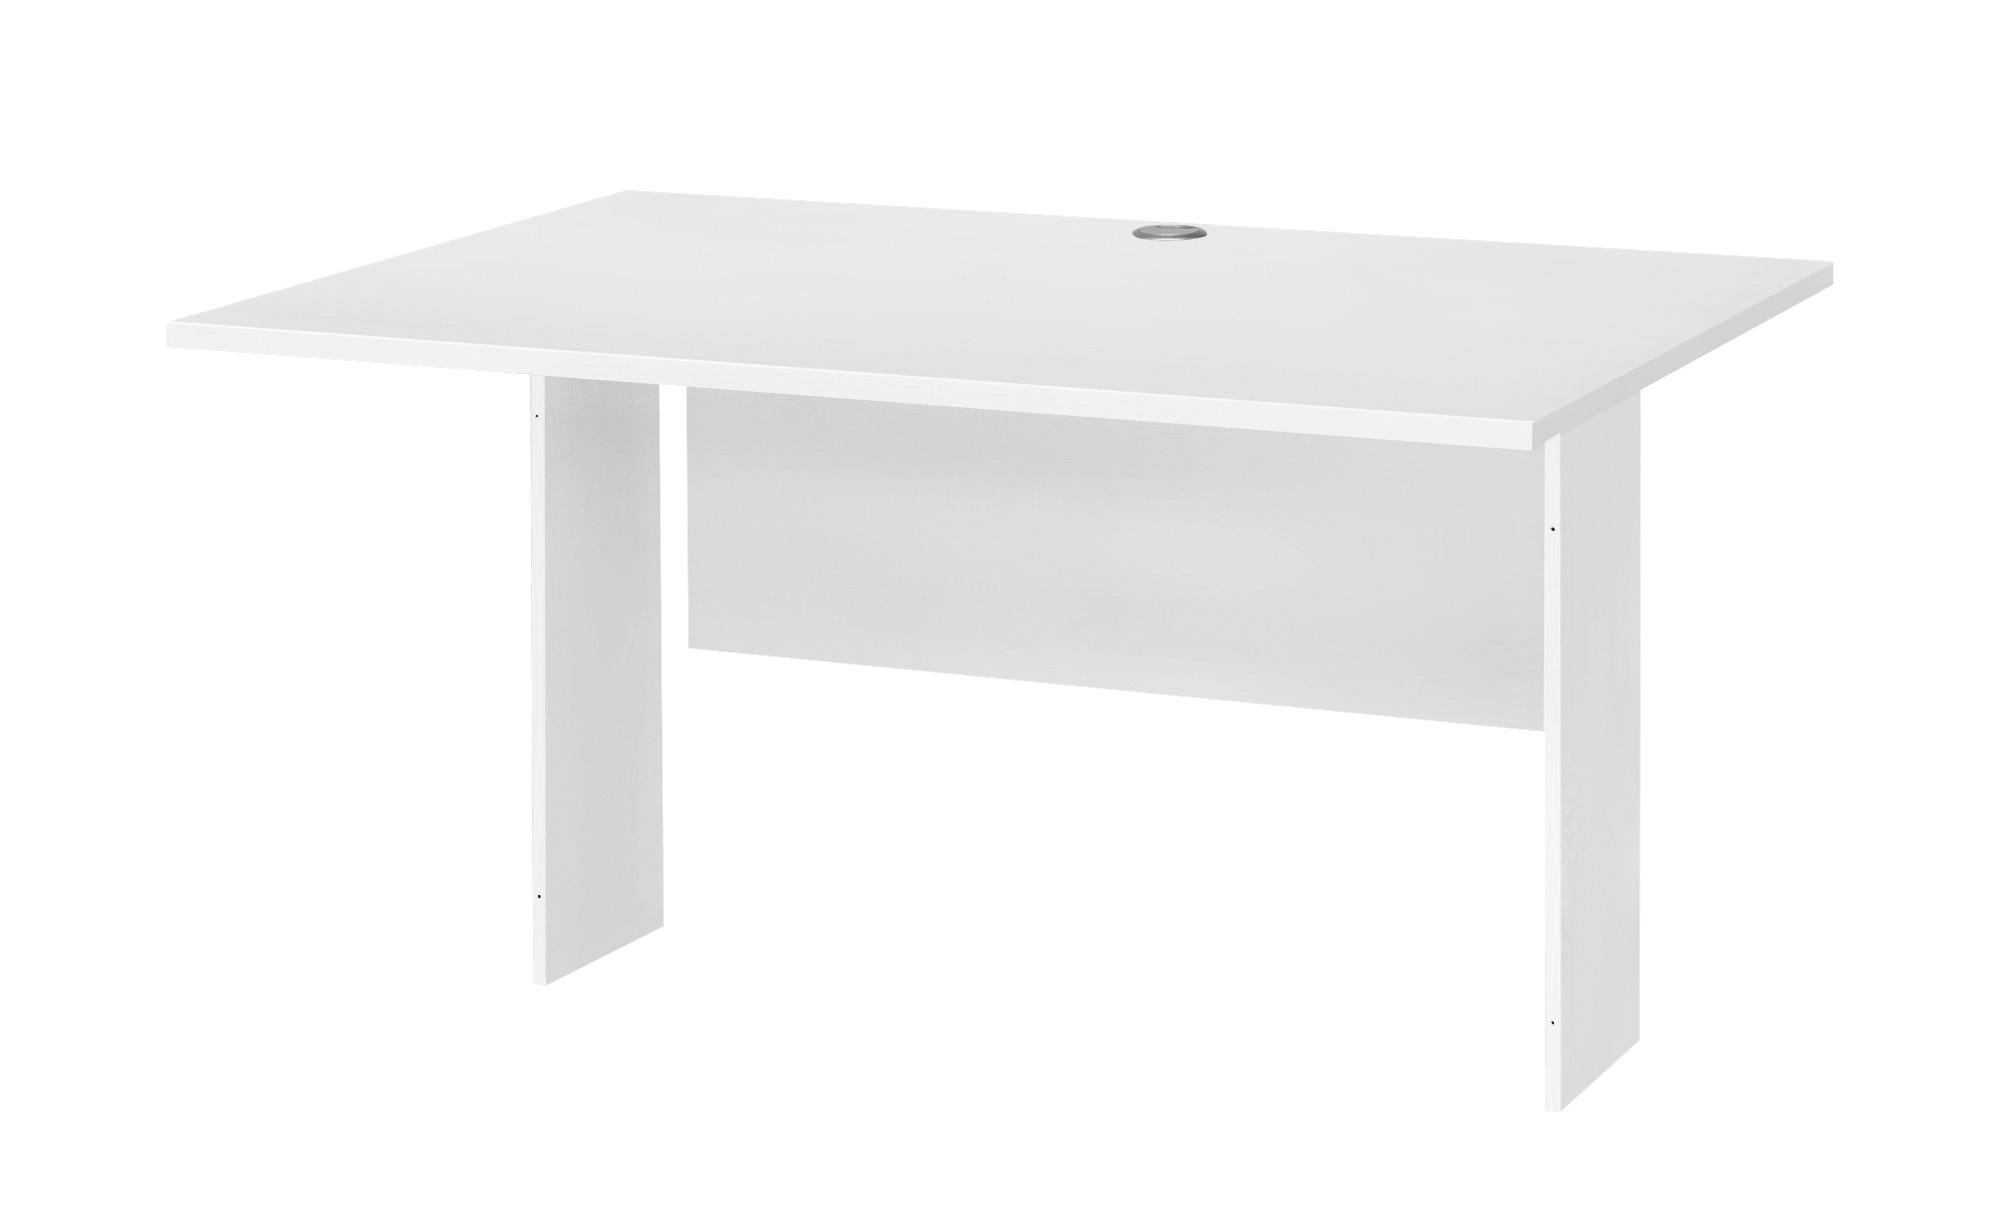 Schreibtischplatte  Success ¦ weiß ¦ Maße (cm): B: 120 T: 80 Tische > Tischplatten - Höffner